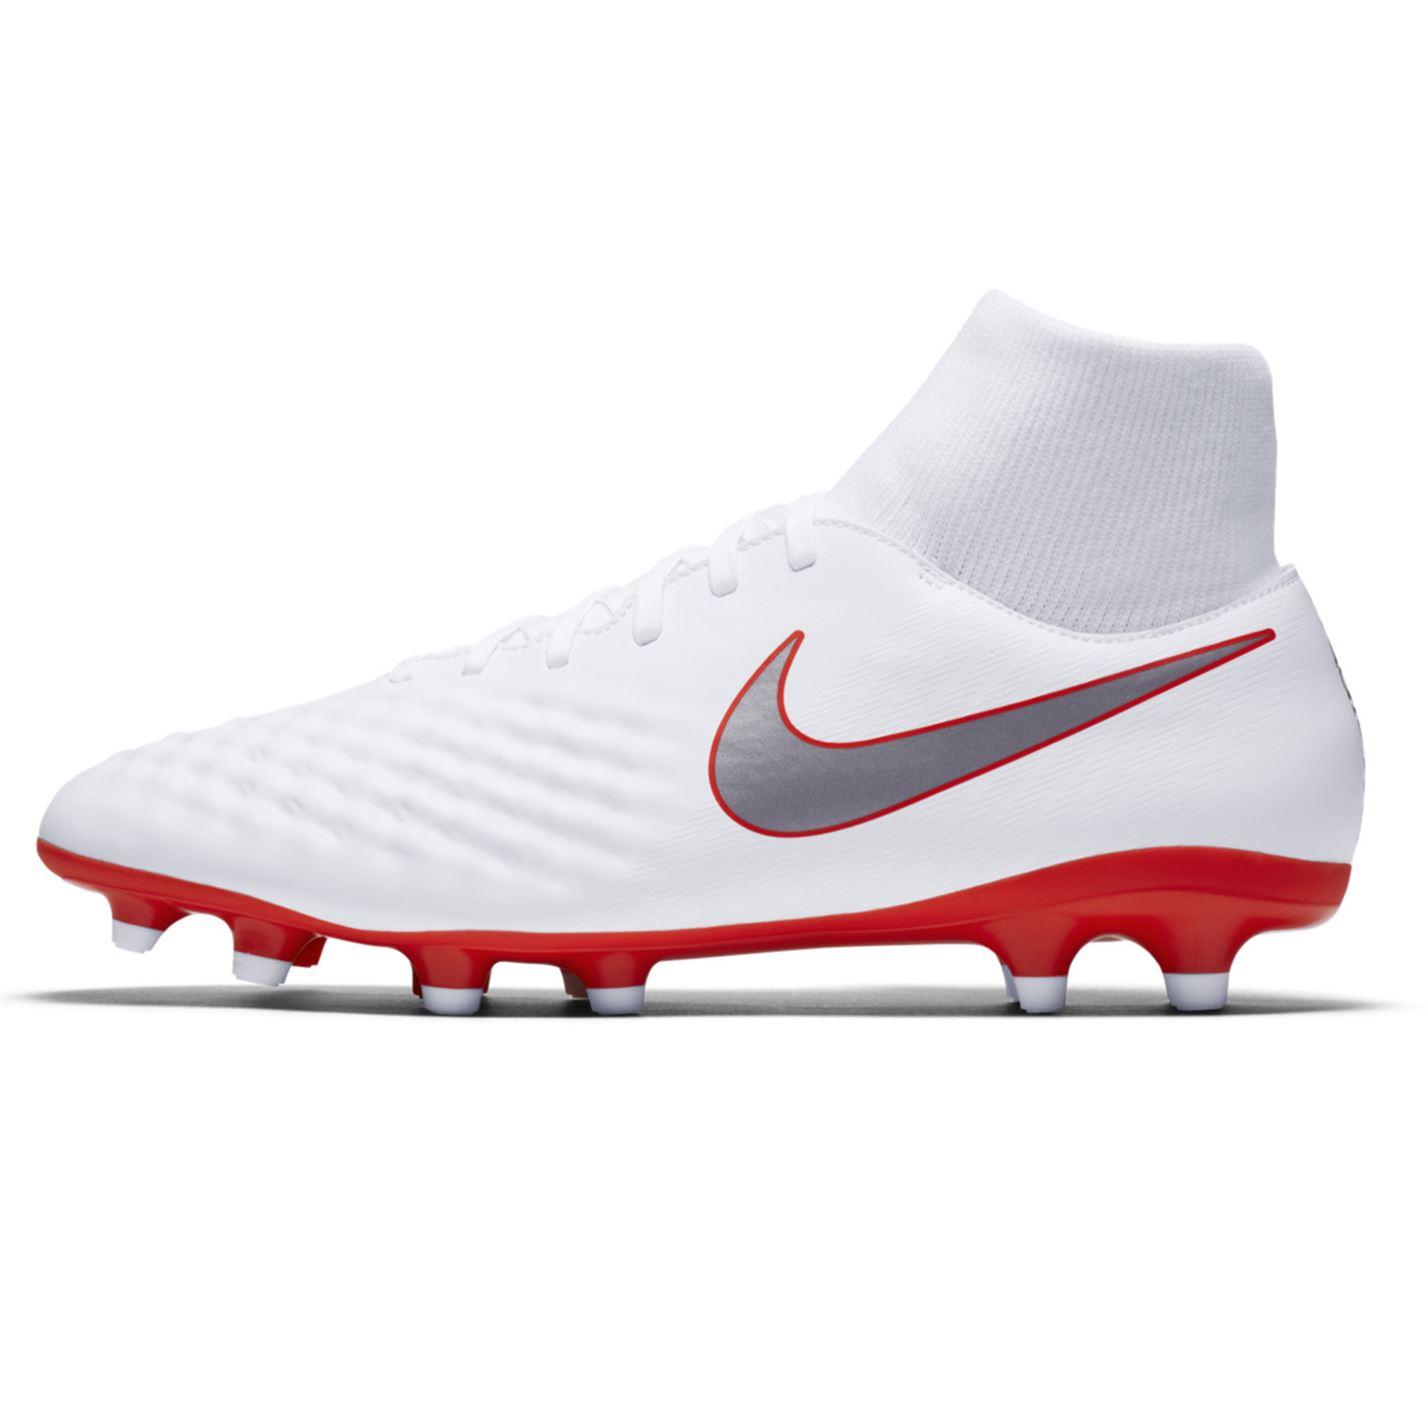 Nike Magista Obra Academy DF FG pánske kopačky